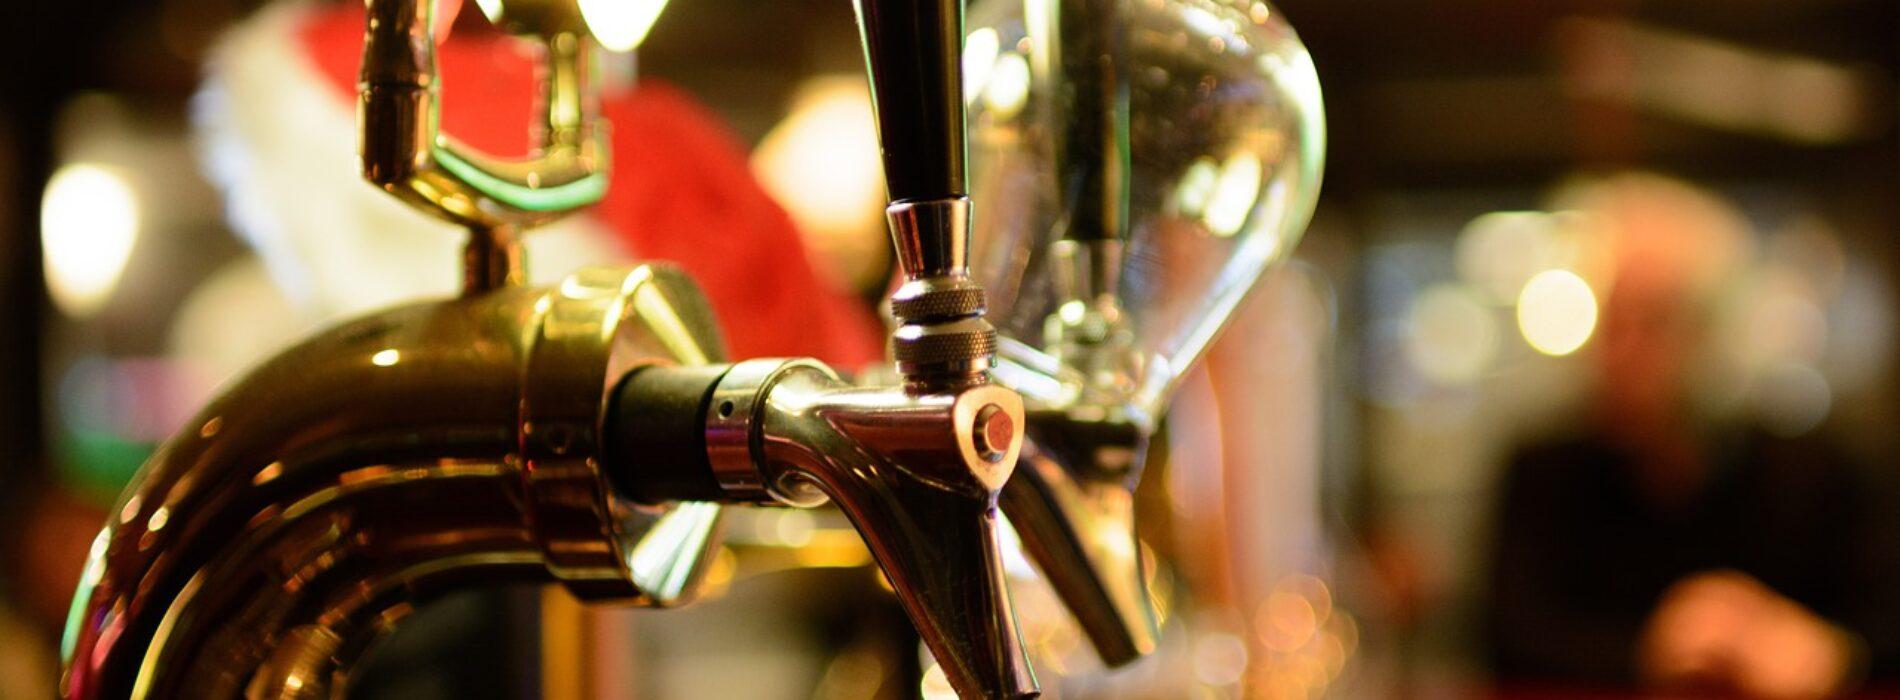 Lider branży piwnej w Polsce stawia na zieloną produkcję i rozwój segmentu piw bezalkoholowych. Chce spełnić ambitne cele do 2030 roku